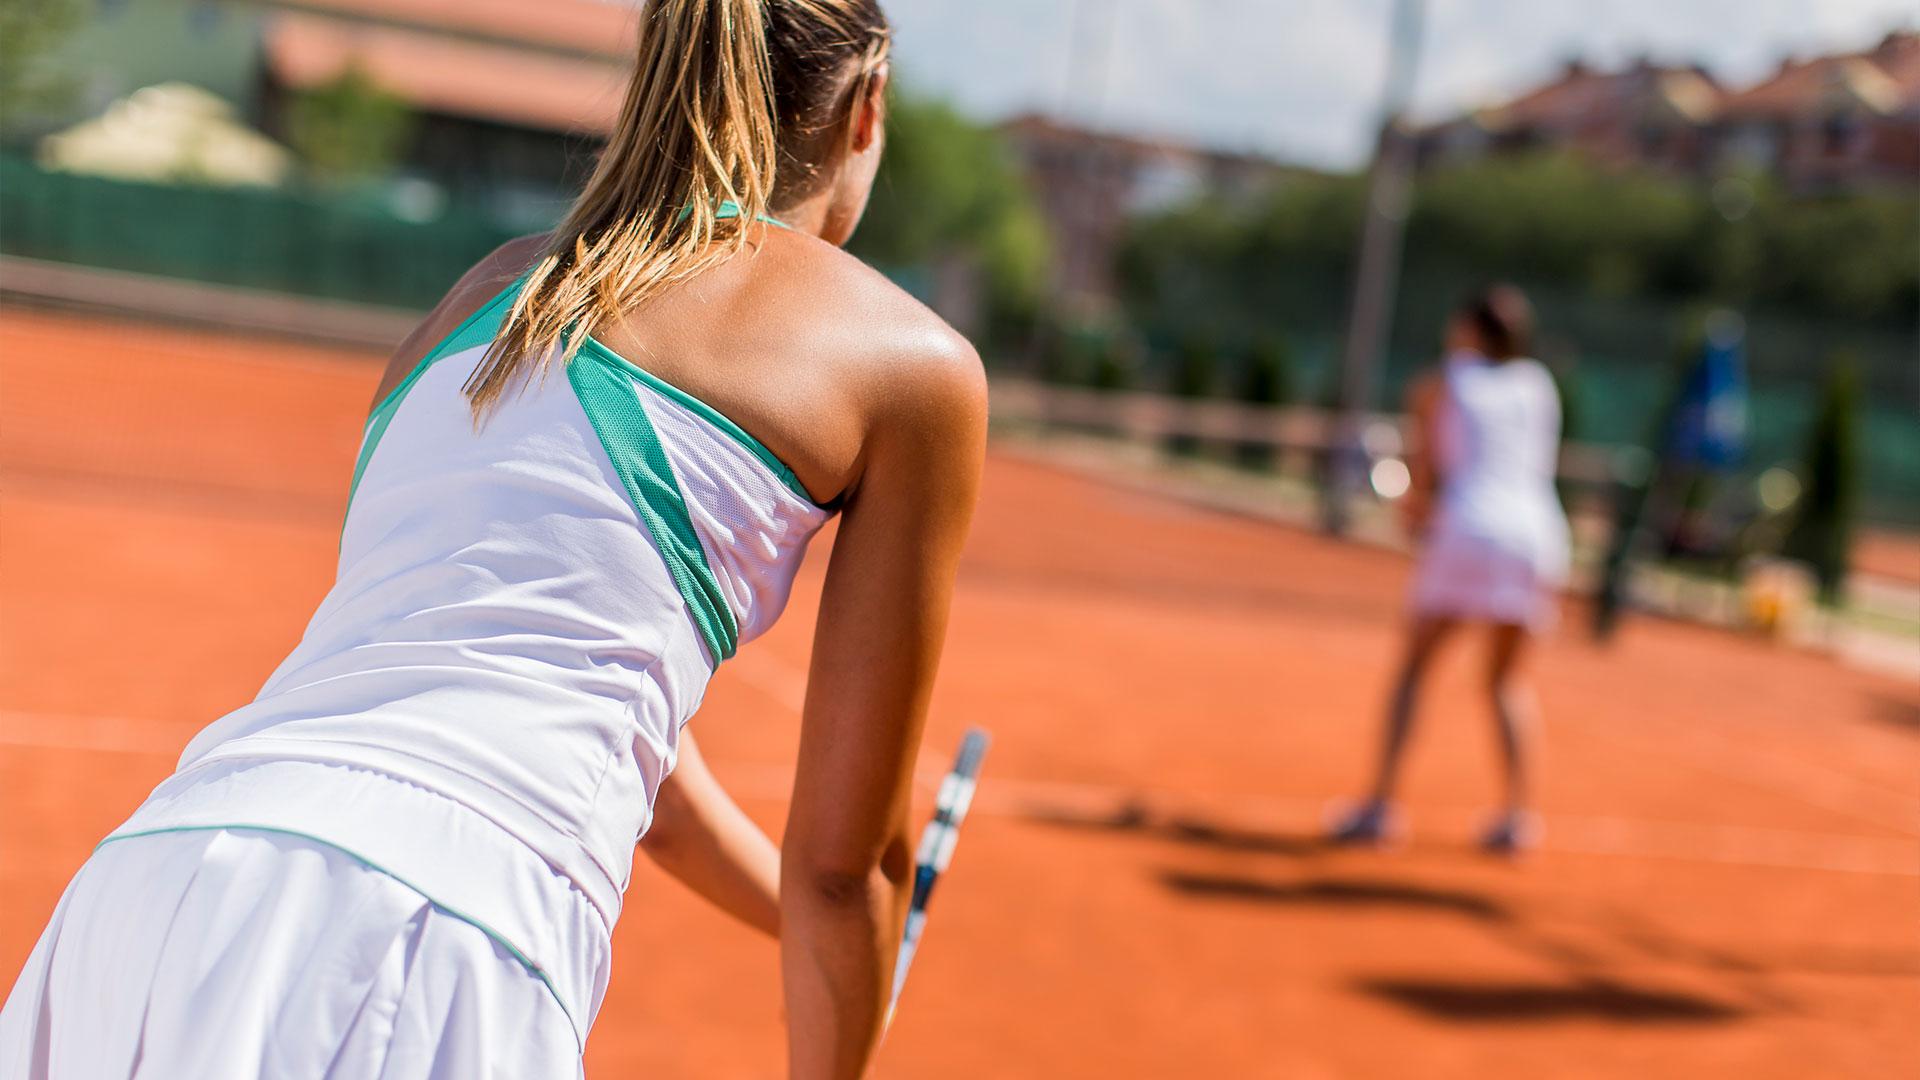 jugando en pista de tenis